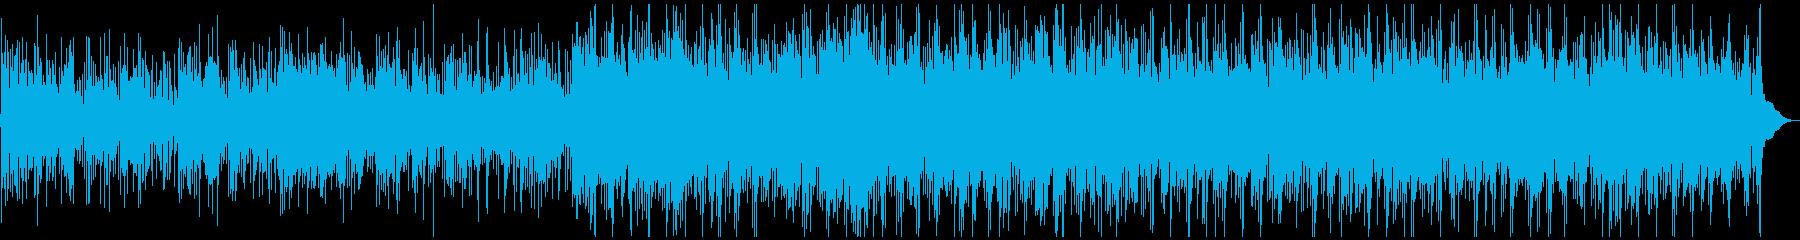 軽快なケルティック風BGMの再生済みの波形